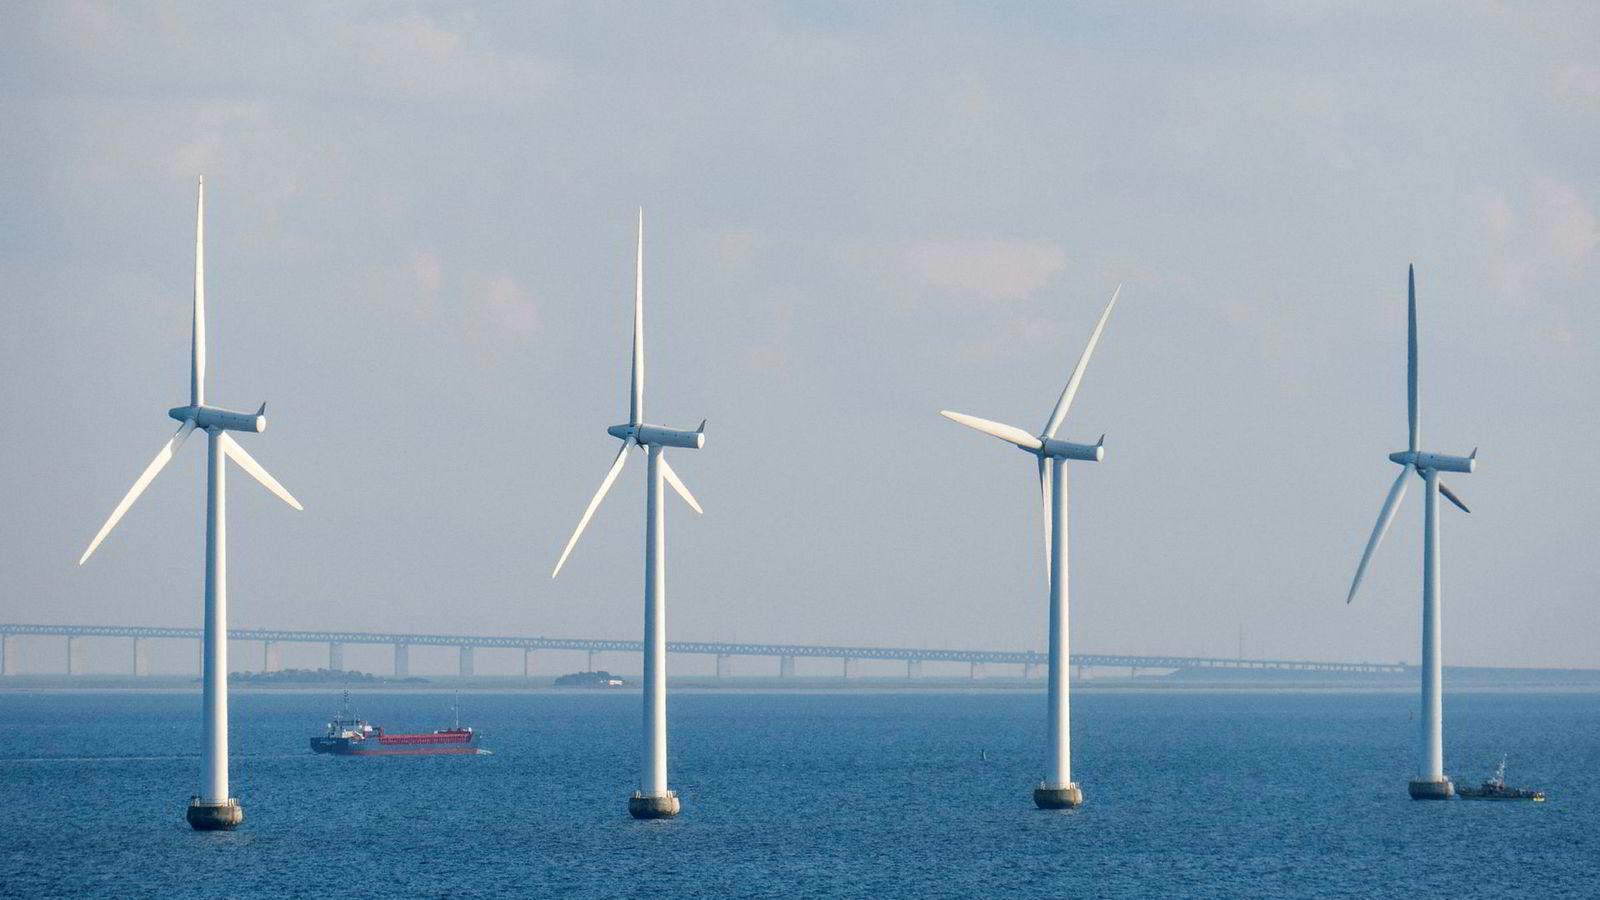 Miljøorganisasjonen Zero spådde i fjor at fem prosent av Oljefondet skulle investeres i sol- og vindparker. Her fra Middelgrundens Vindmøllepark som ligger i Øresund, rett utenfor København.